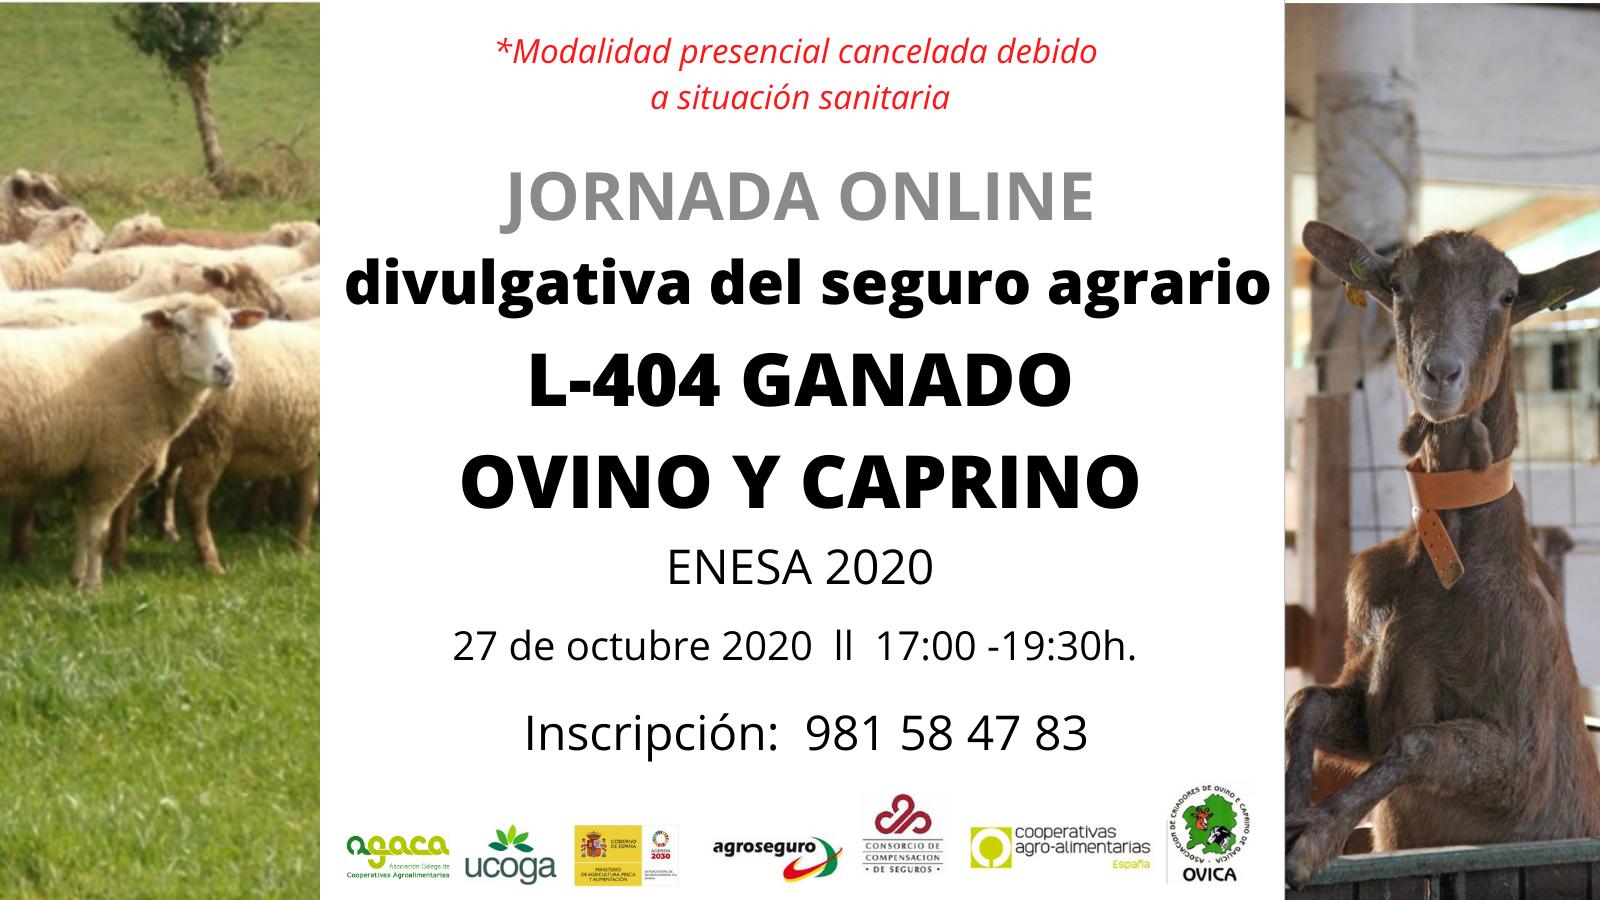 Jornada online sobre seguro agrario ovino y caprino el 27 de octubre. Inscripción abierta.